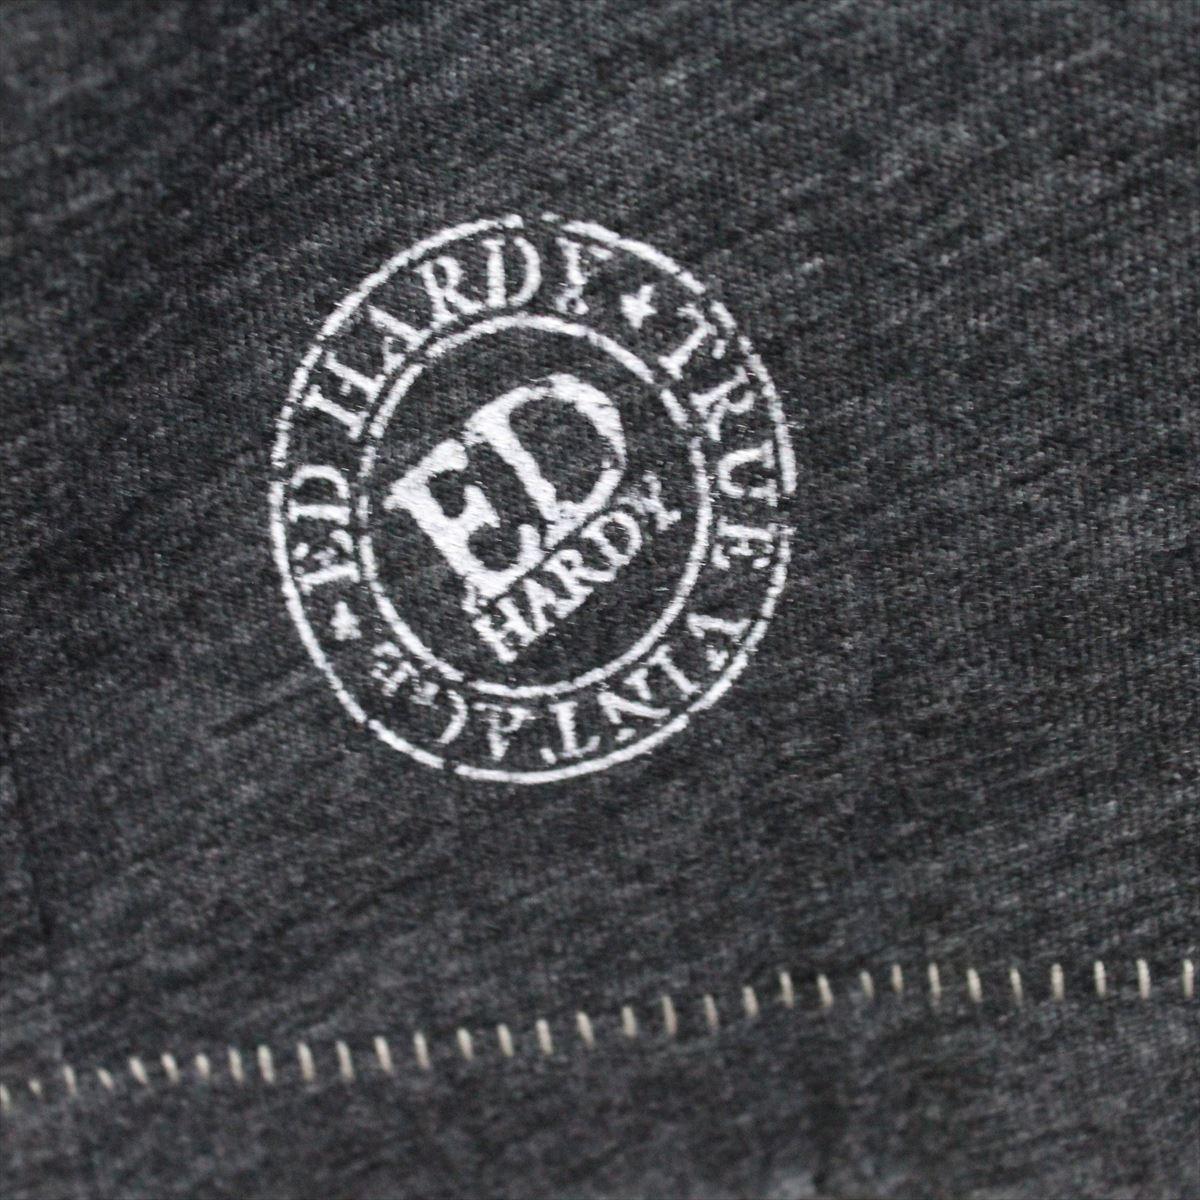 エドハーディー ED HARDY メンズ半袖Tシャツ チャコール Sサイズ NO36 新品_画像3